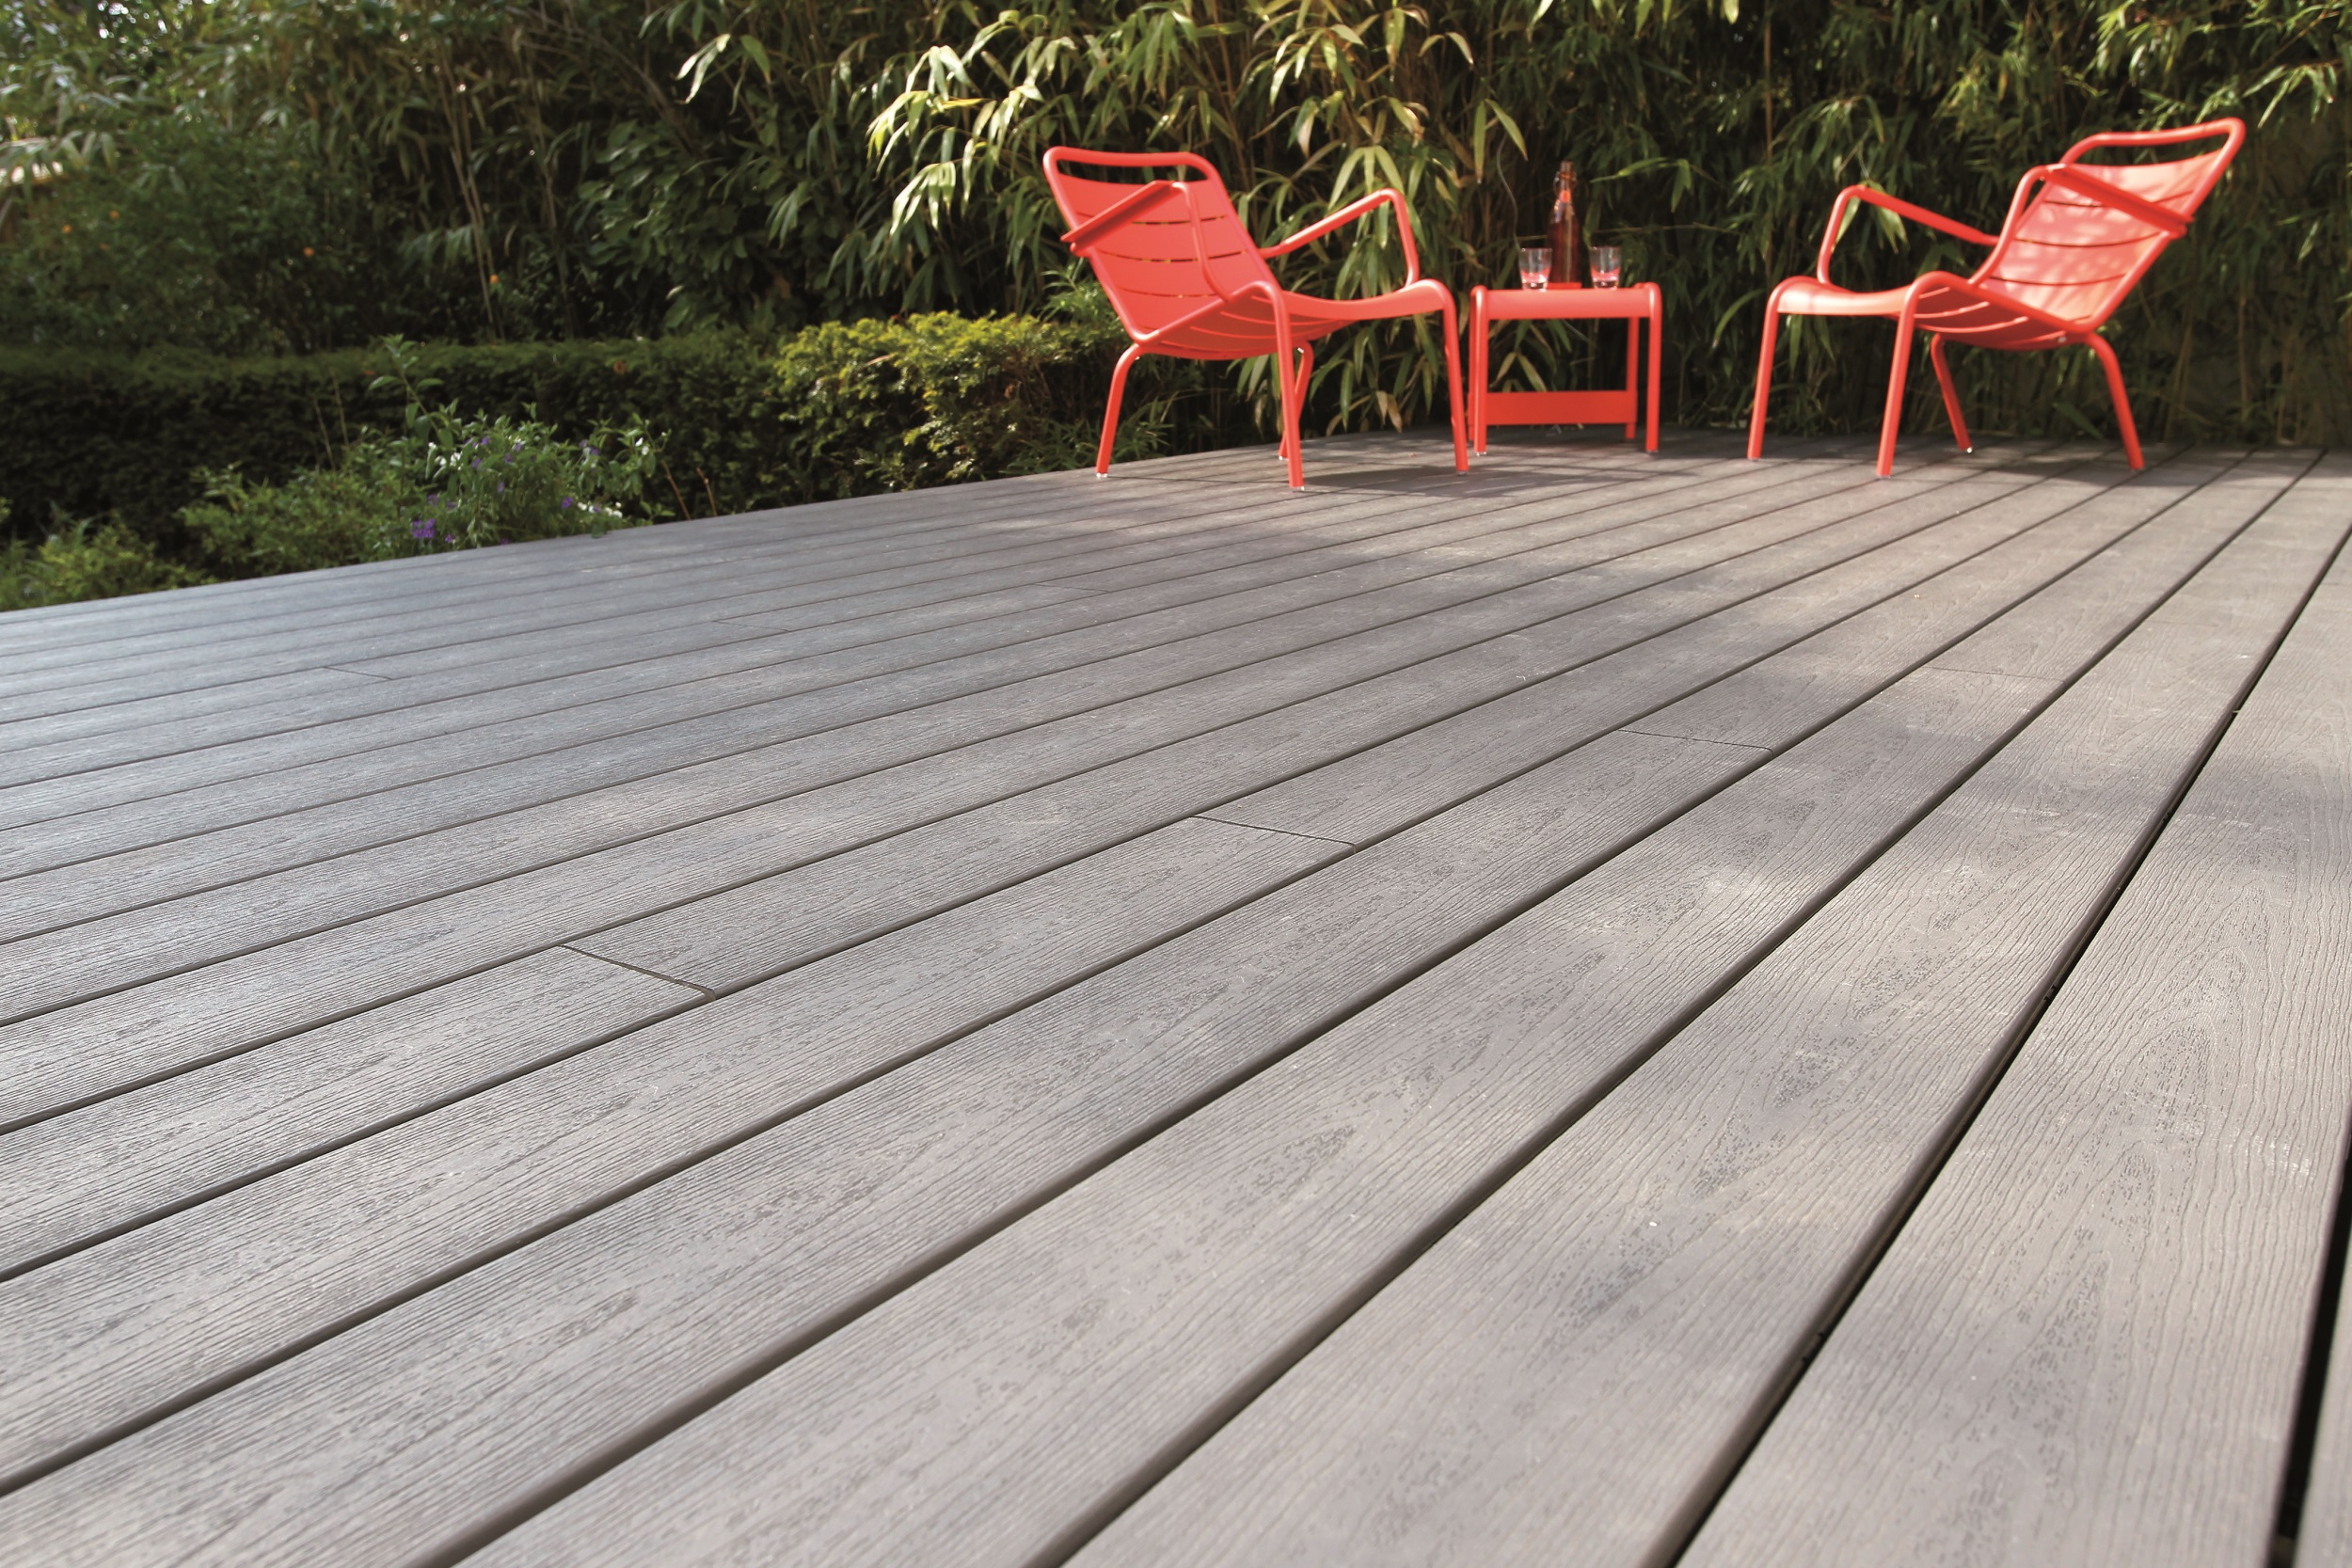 Quel Est Le Meilleur Bois Pour Terrasse 3 conseils pour bien choisir votre terrasse en bois - choix